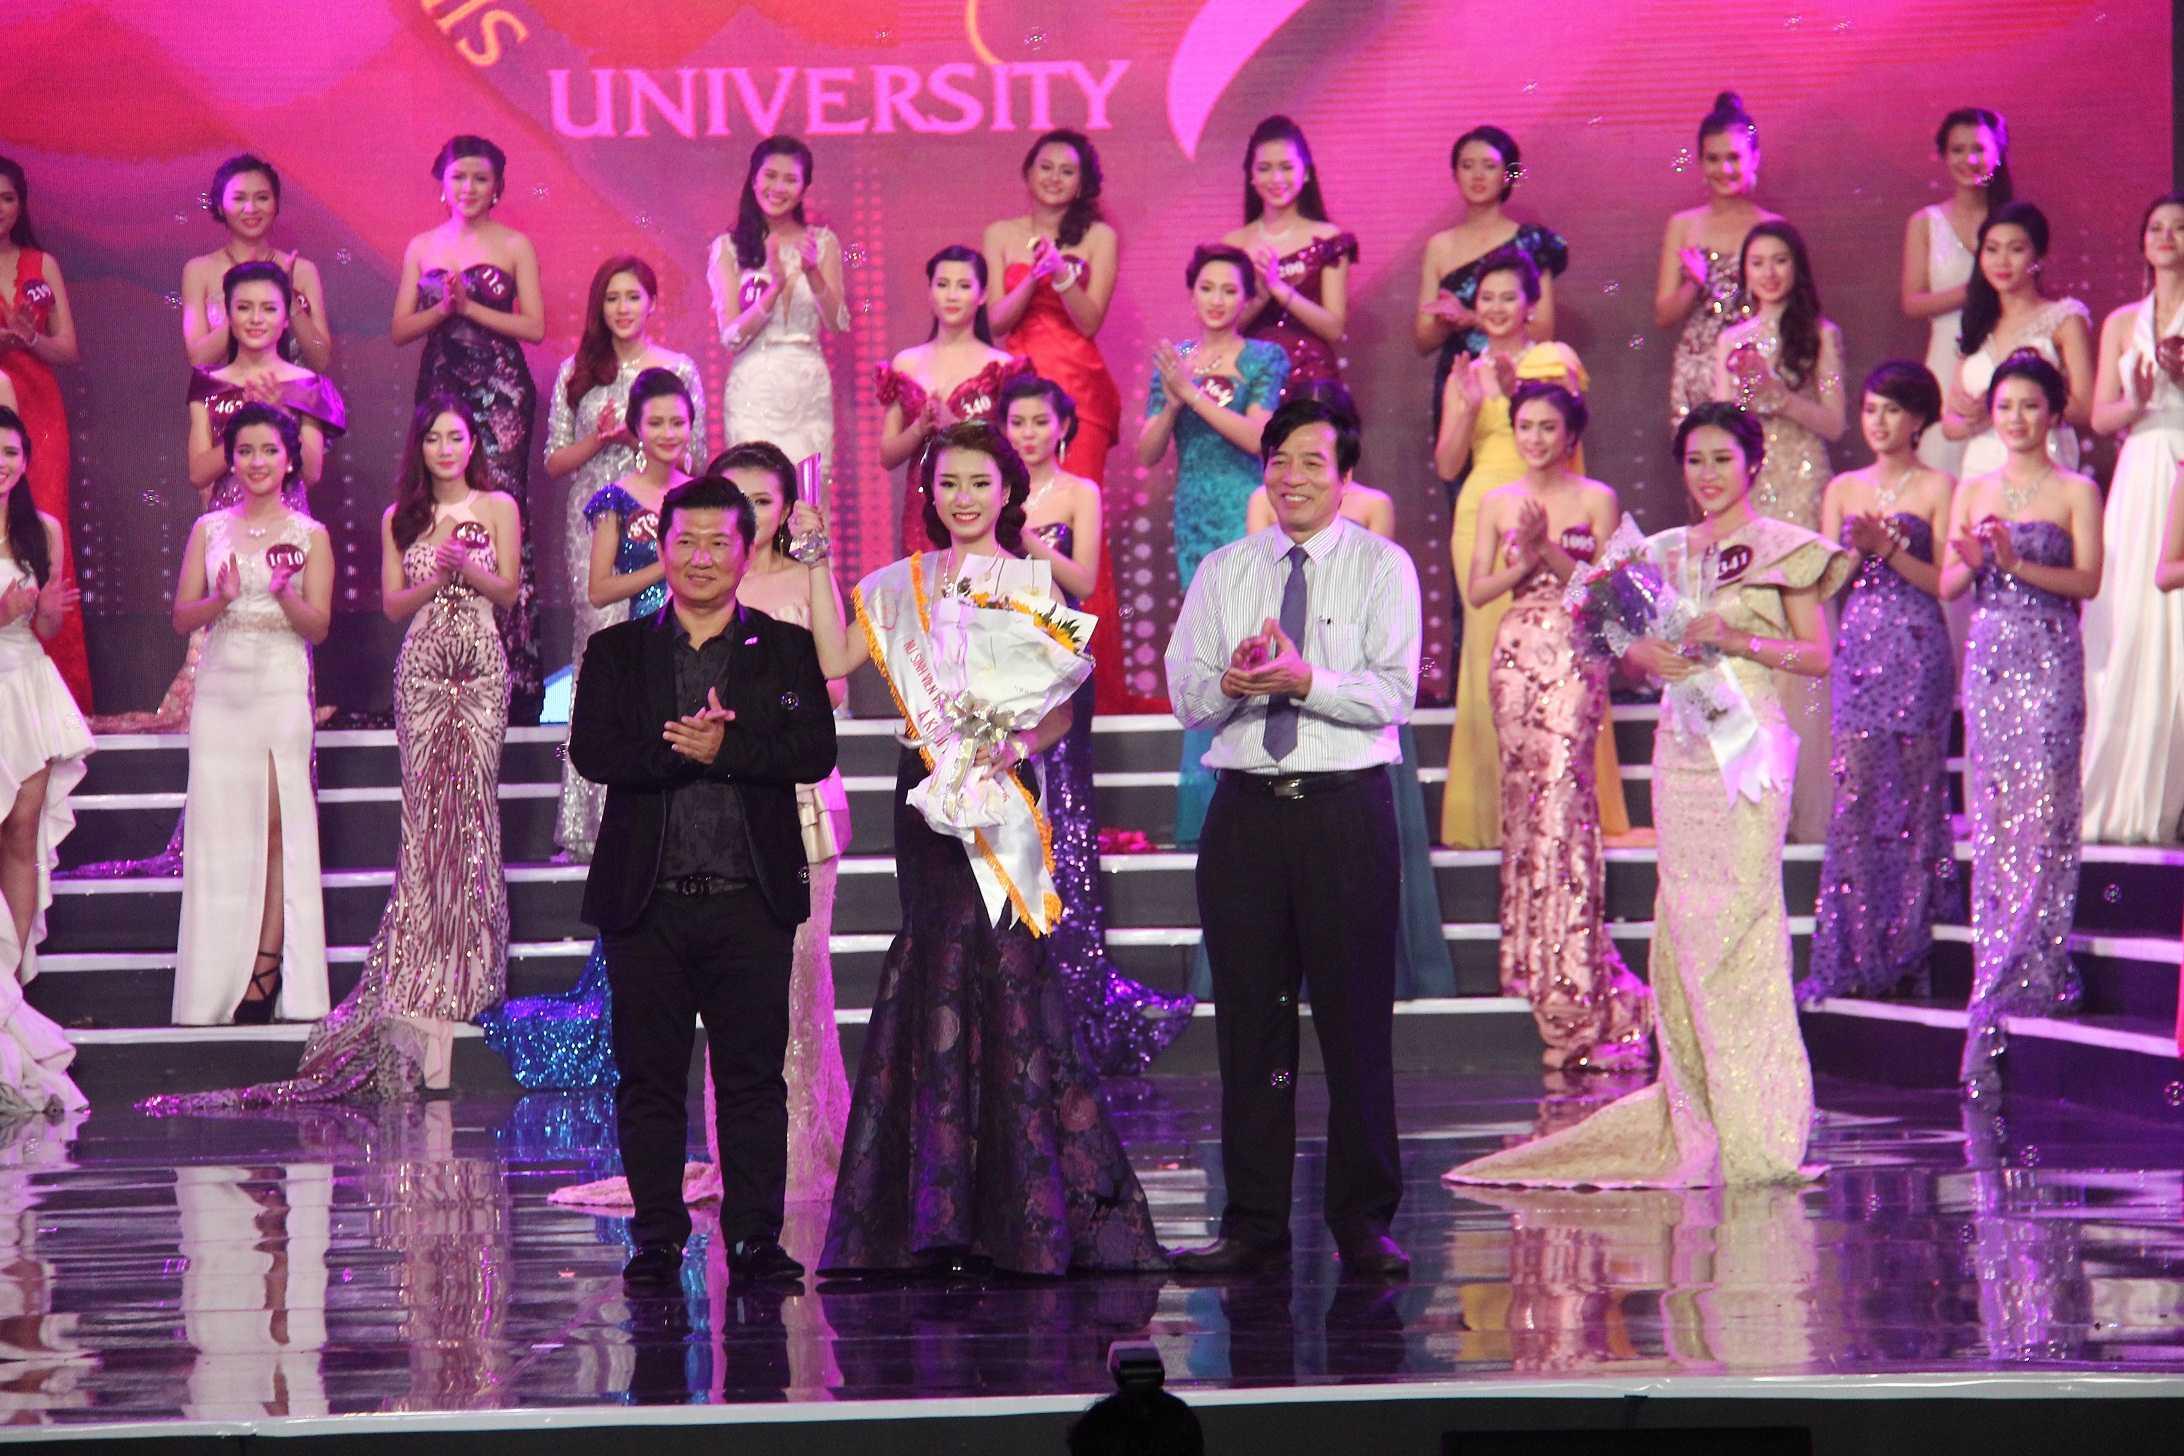 Á khôi 1 thuộc về thí sinh Công Lê Minh Hương, SBD 603, Học viện Báo chí và Tuyên truyền.